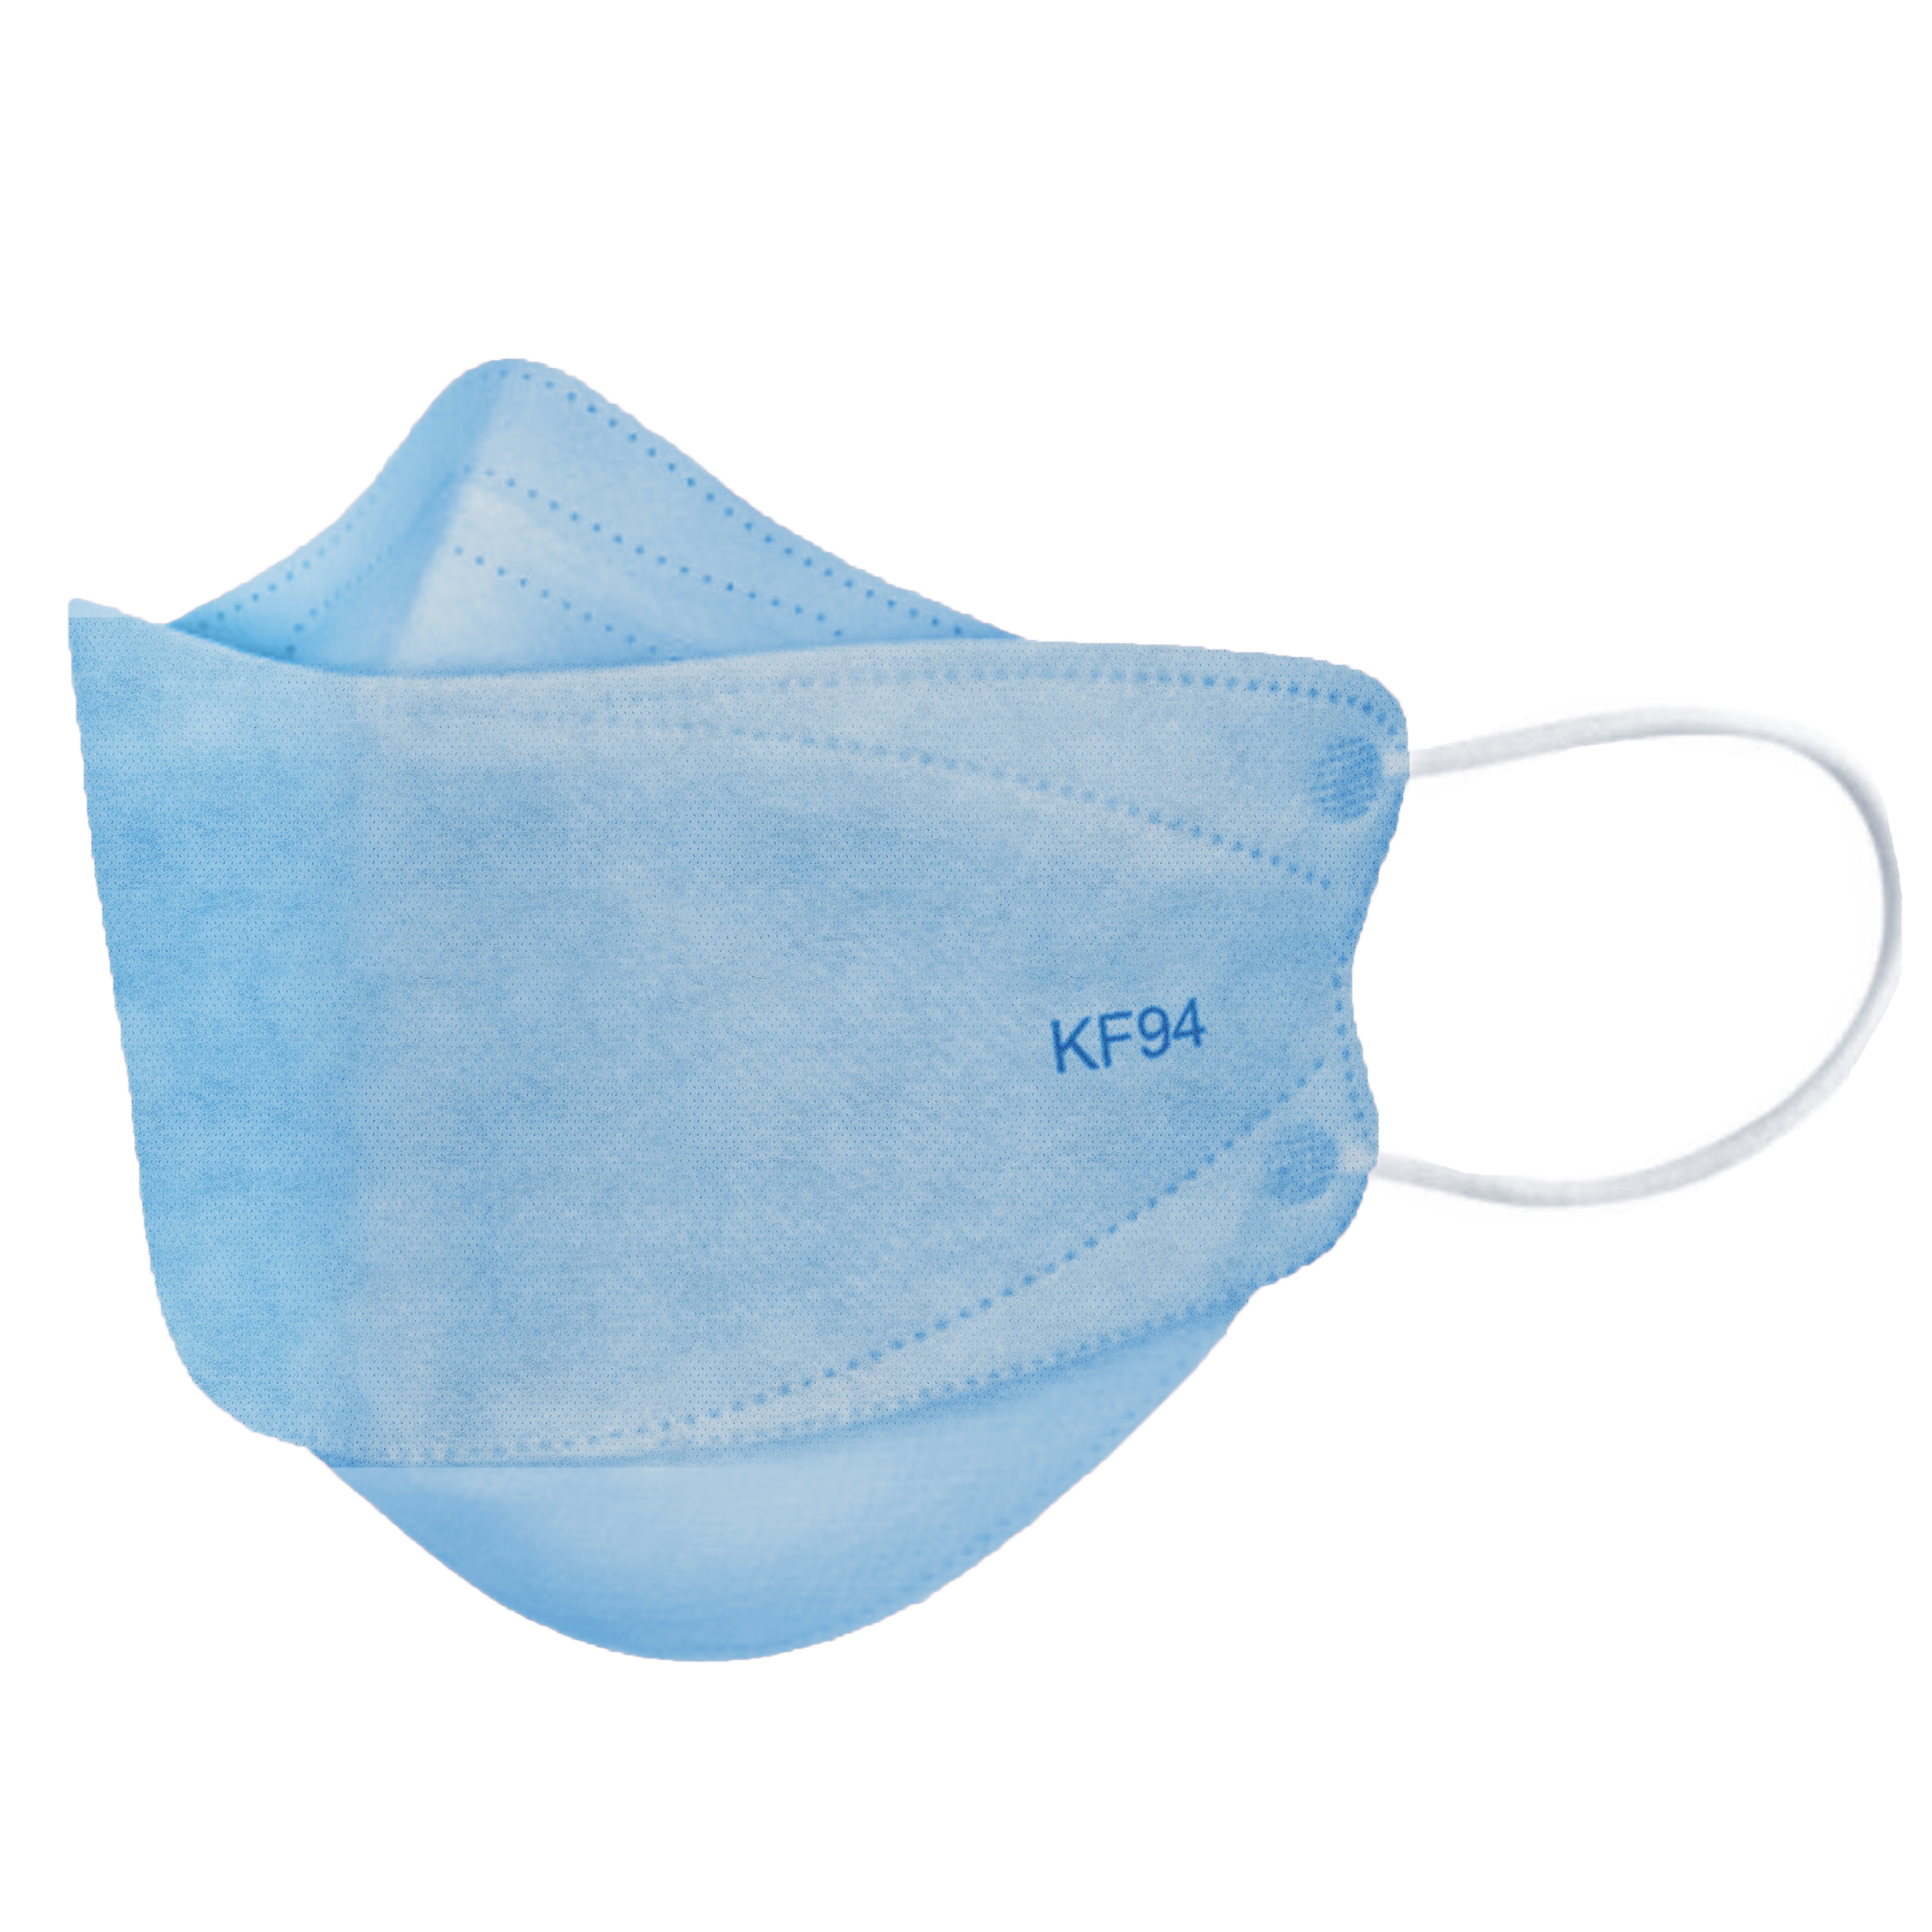 ماسک تنفسی کد 0061AB بسته 25 عددی